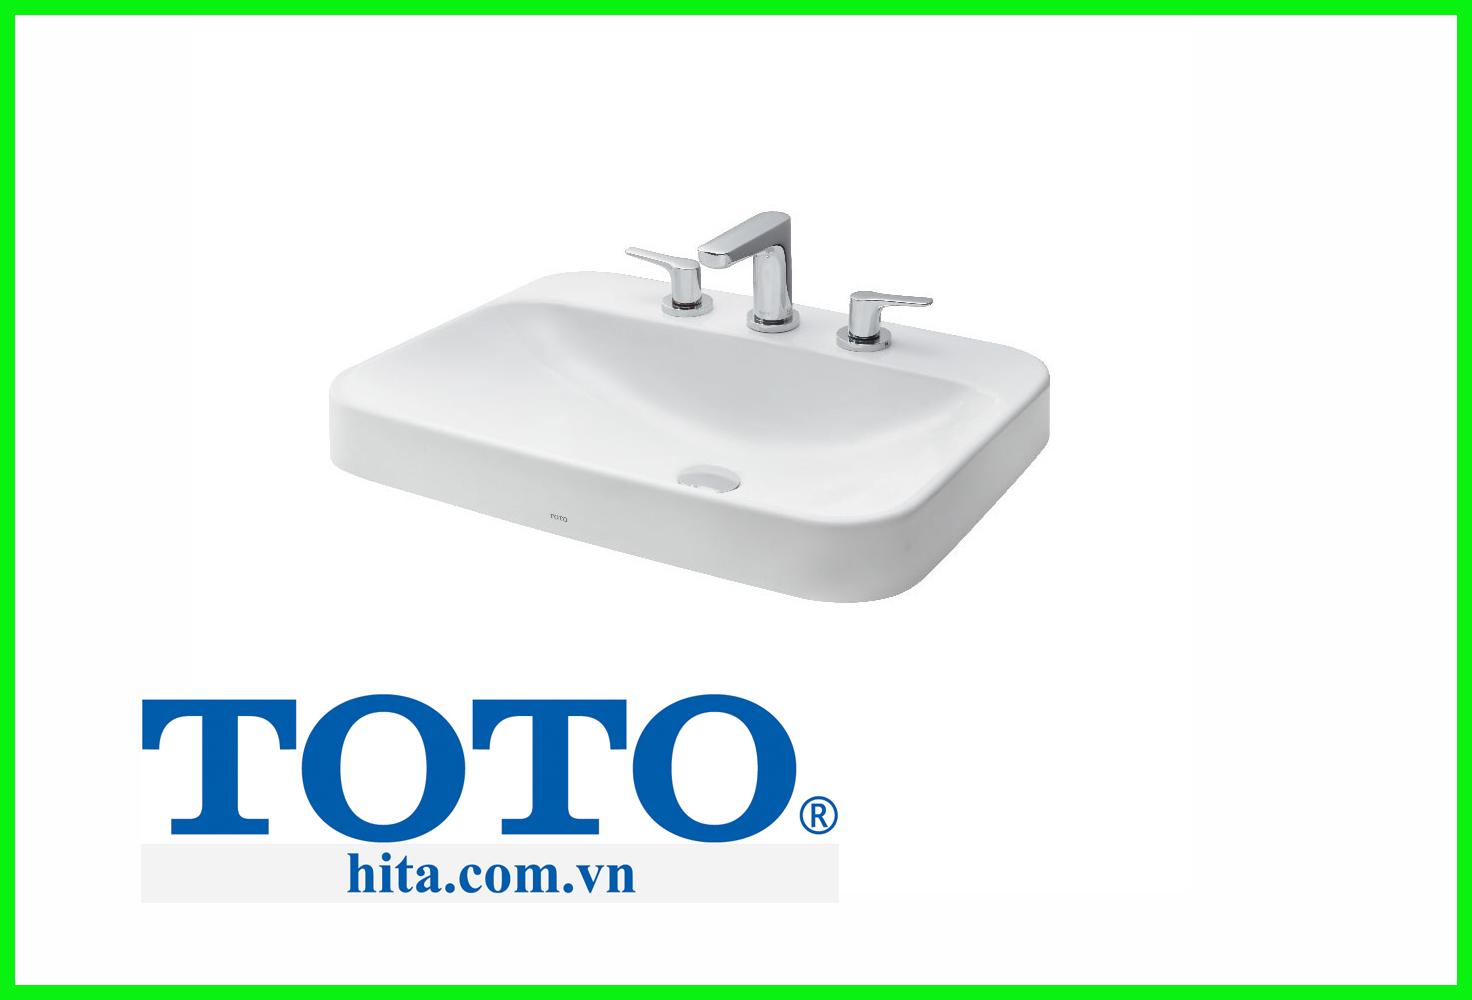 Chậu rửa đặt bàn Toto LT5616